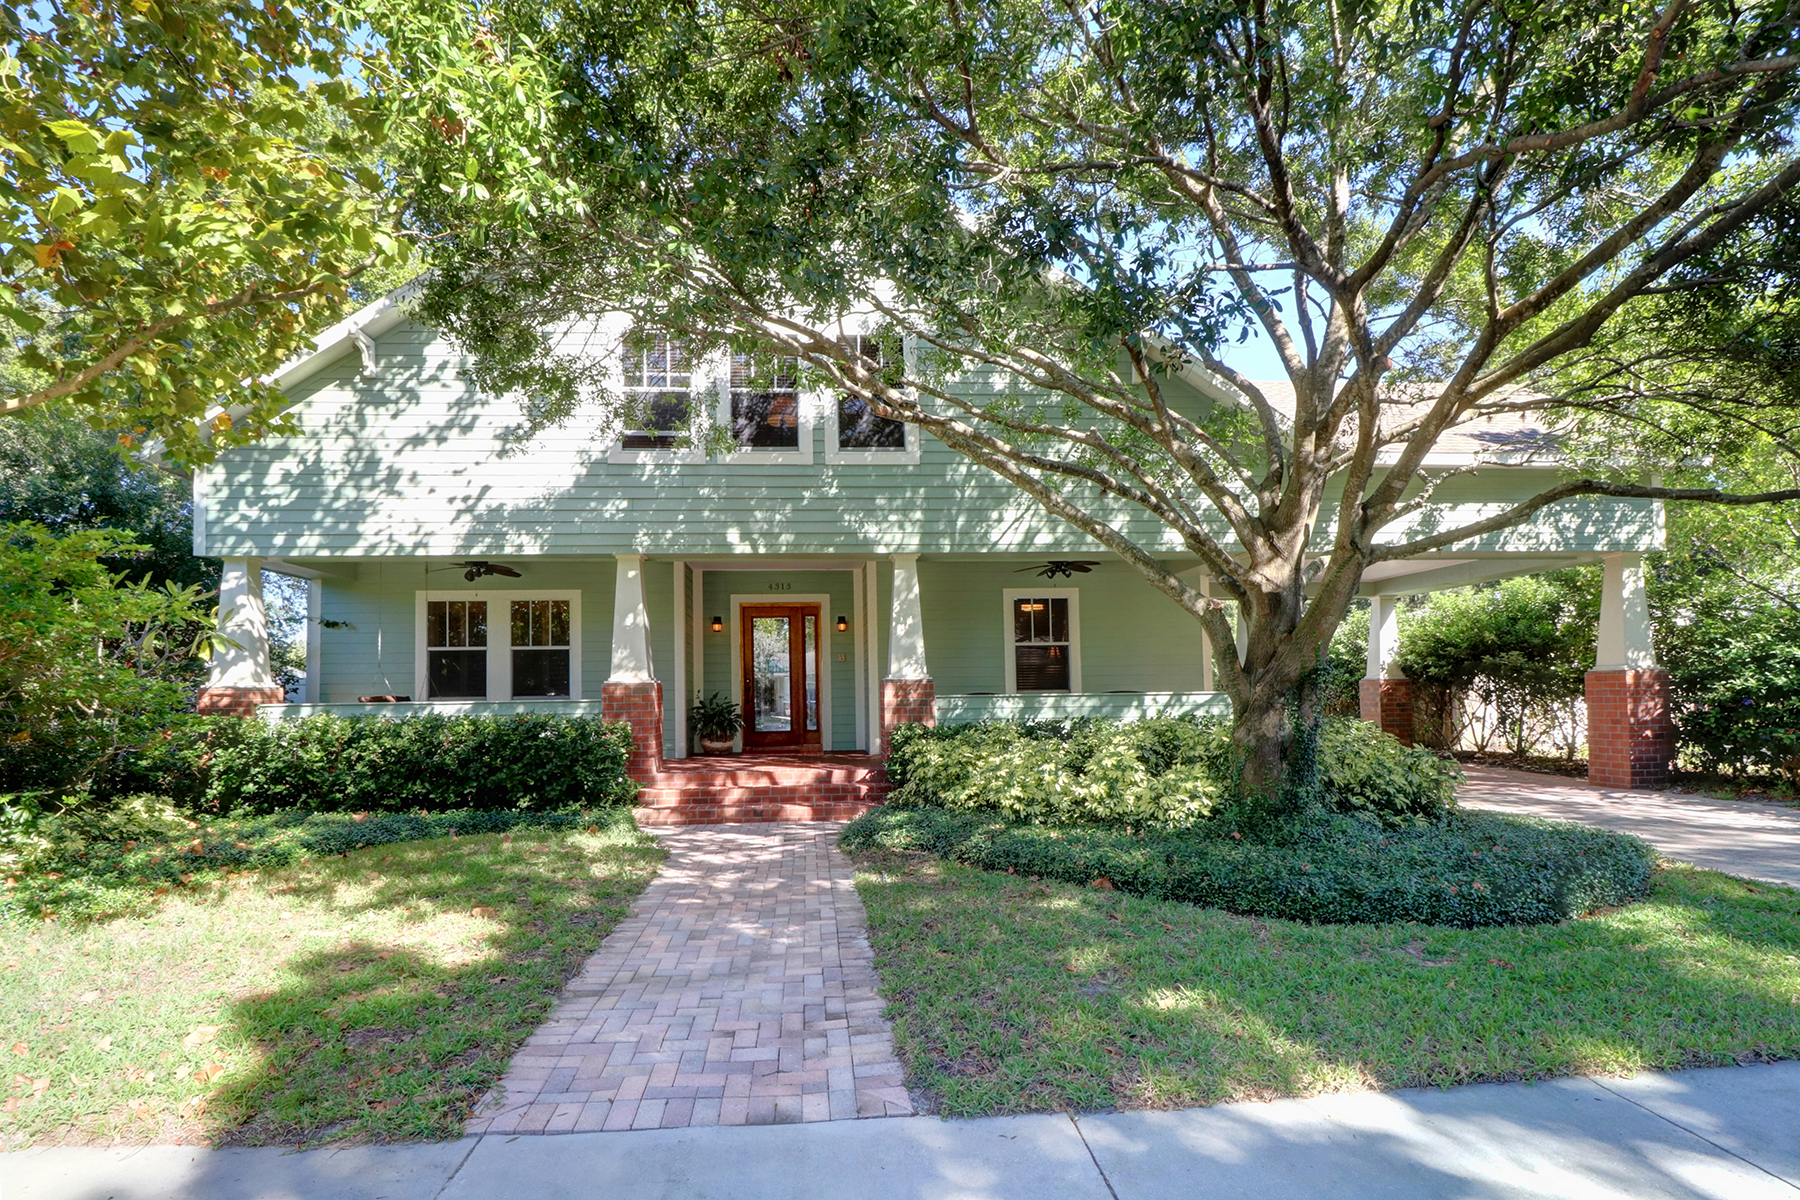 独户住宅 为 销售 在 SOUTH TAMPA 4313 W Granada St 坦帕市, 佛罗里达州, 33629 美国